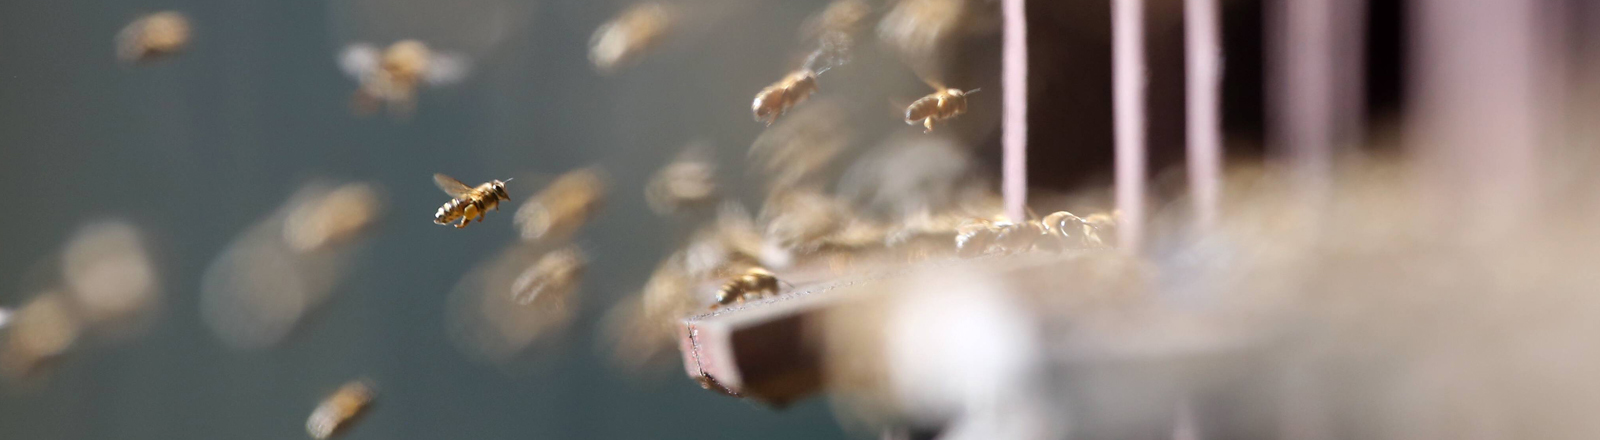 Bienen fliegen in einen Stock